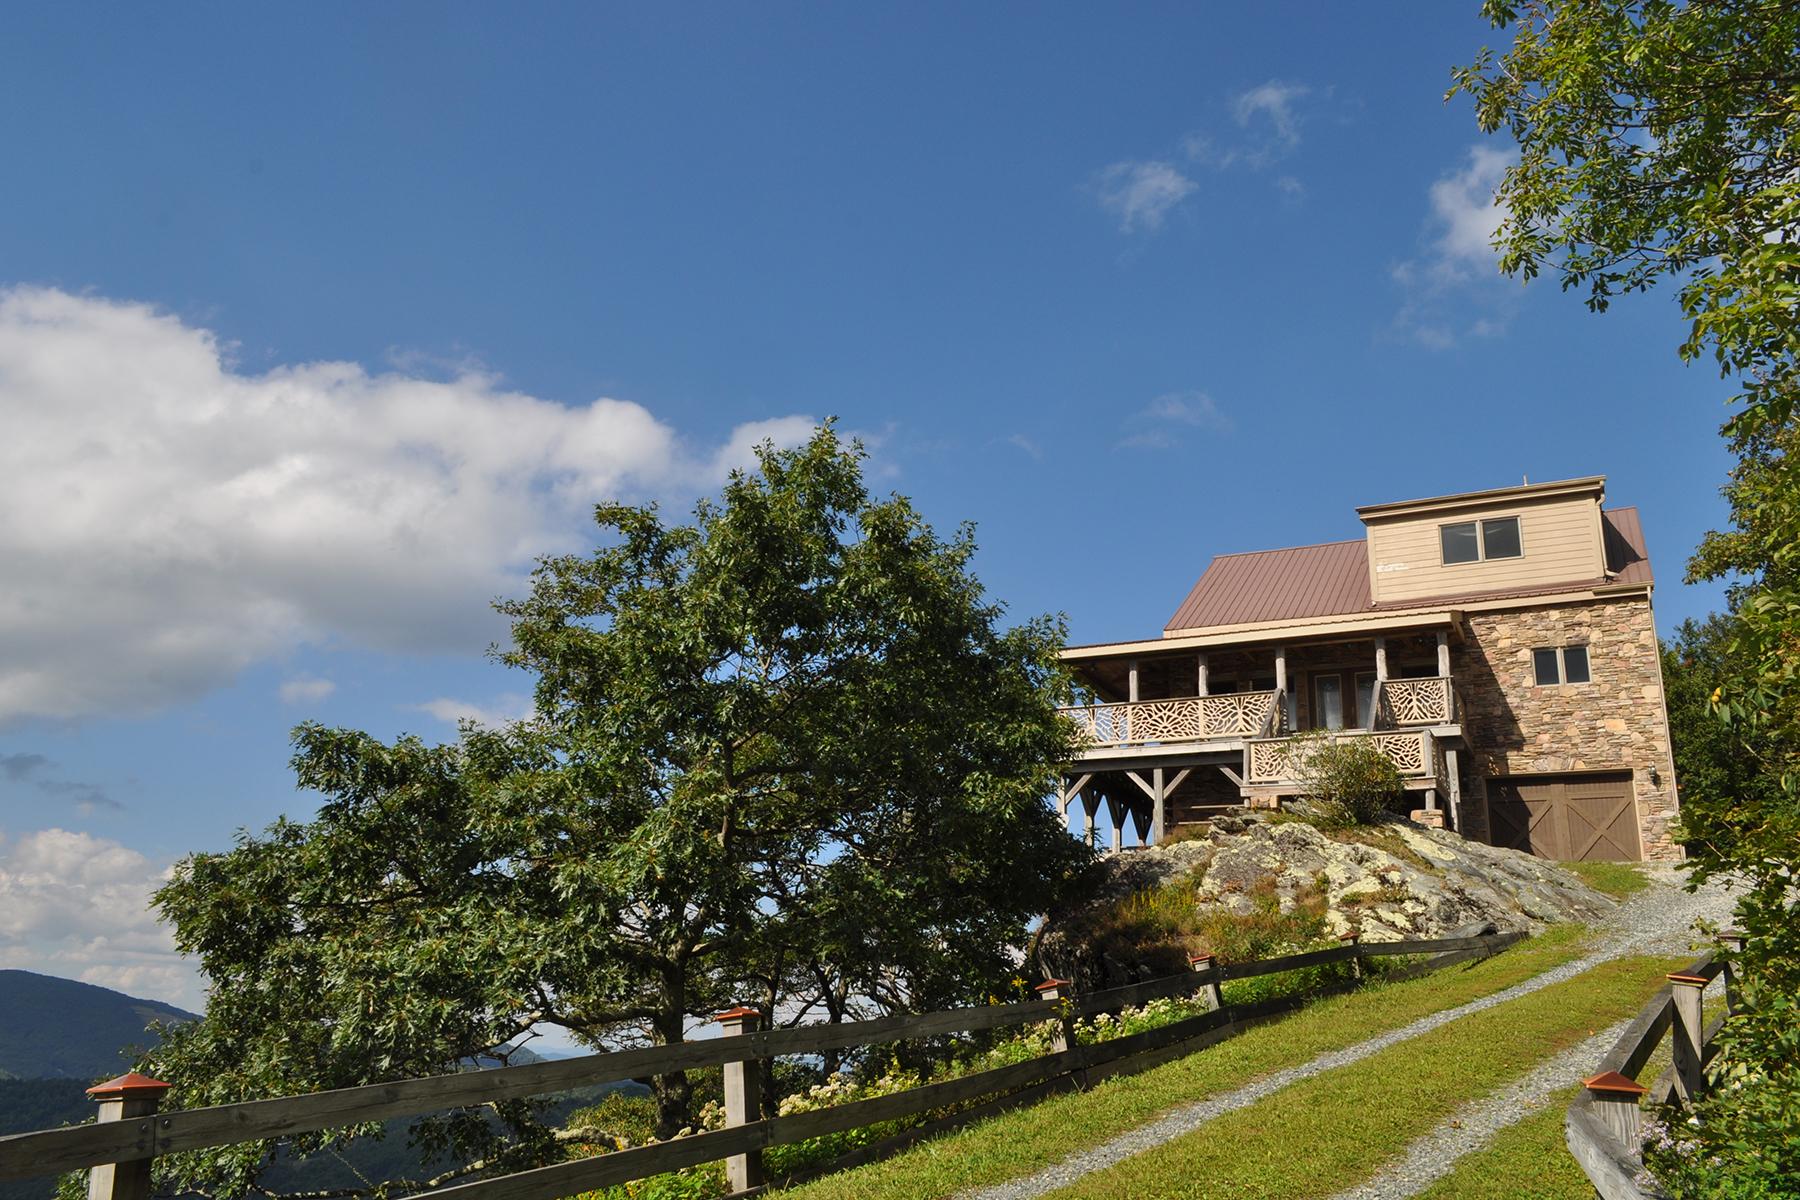 Maison unifamiliale pour l Vente à SEVEN DEVILS 155 Divine View Court Banner Elk, Carolina Du Nord, 28604 États-Unis